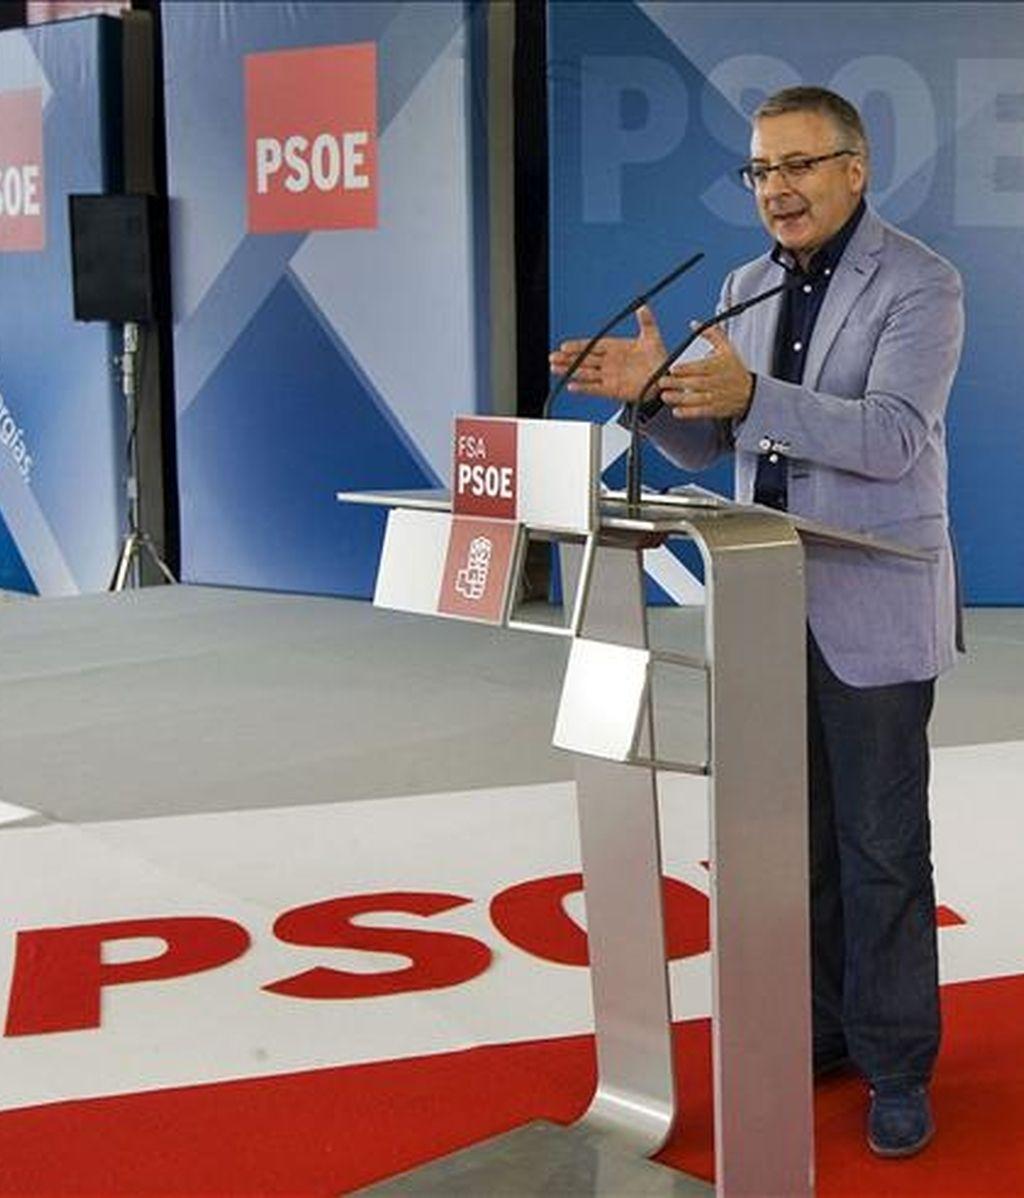 El ministro de Fomento, José Blanco, durante su intervención en la Fiesta de la Rosa de la Agrupación Socialista de Oviedo en la que se ha referido, entre otros asuntos, a la sentencia del Tribunal Constitucional sobre el Estatuto de Cataluña. EFE